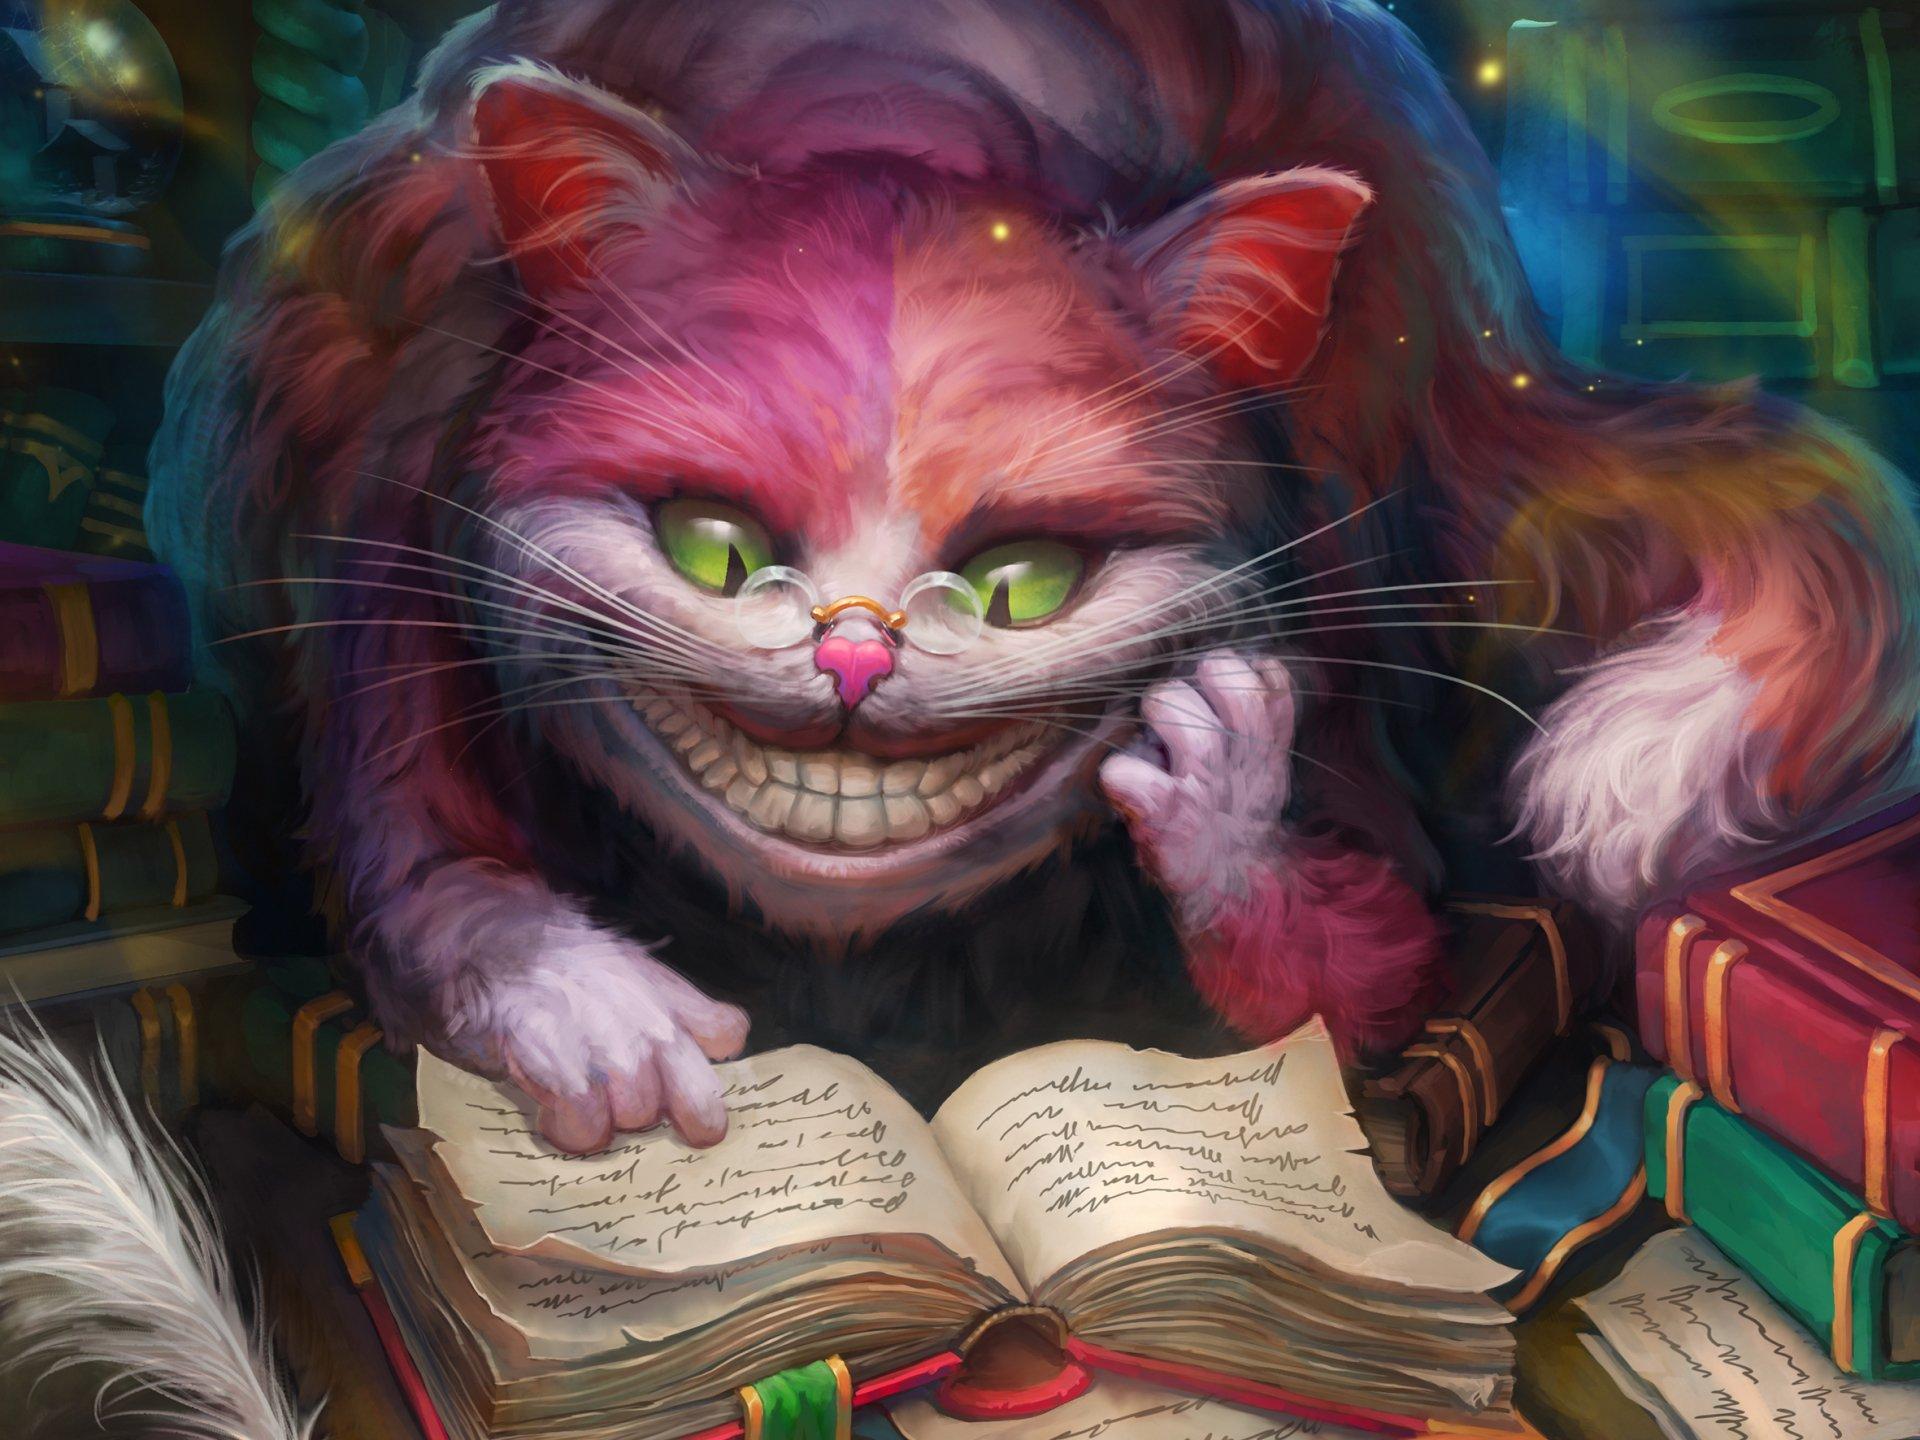 奇幻 - 爱丽丝梦游仙境  电影 Cheshire Cat 壁纸